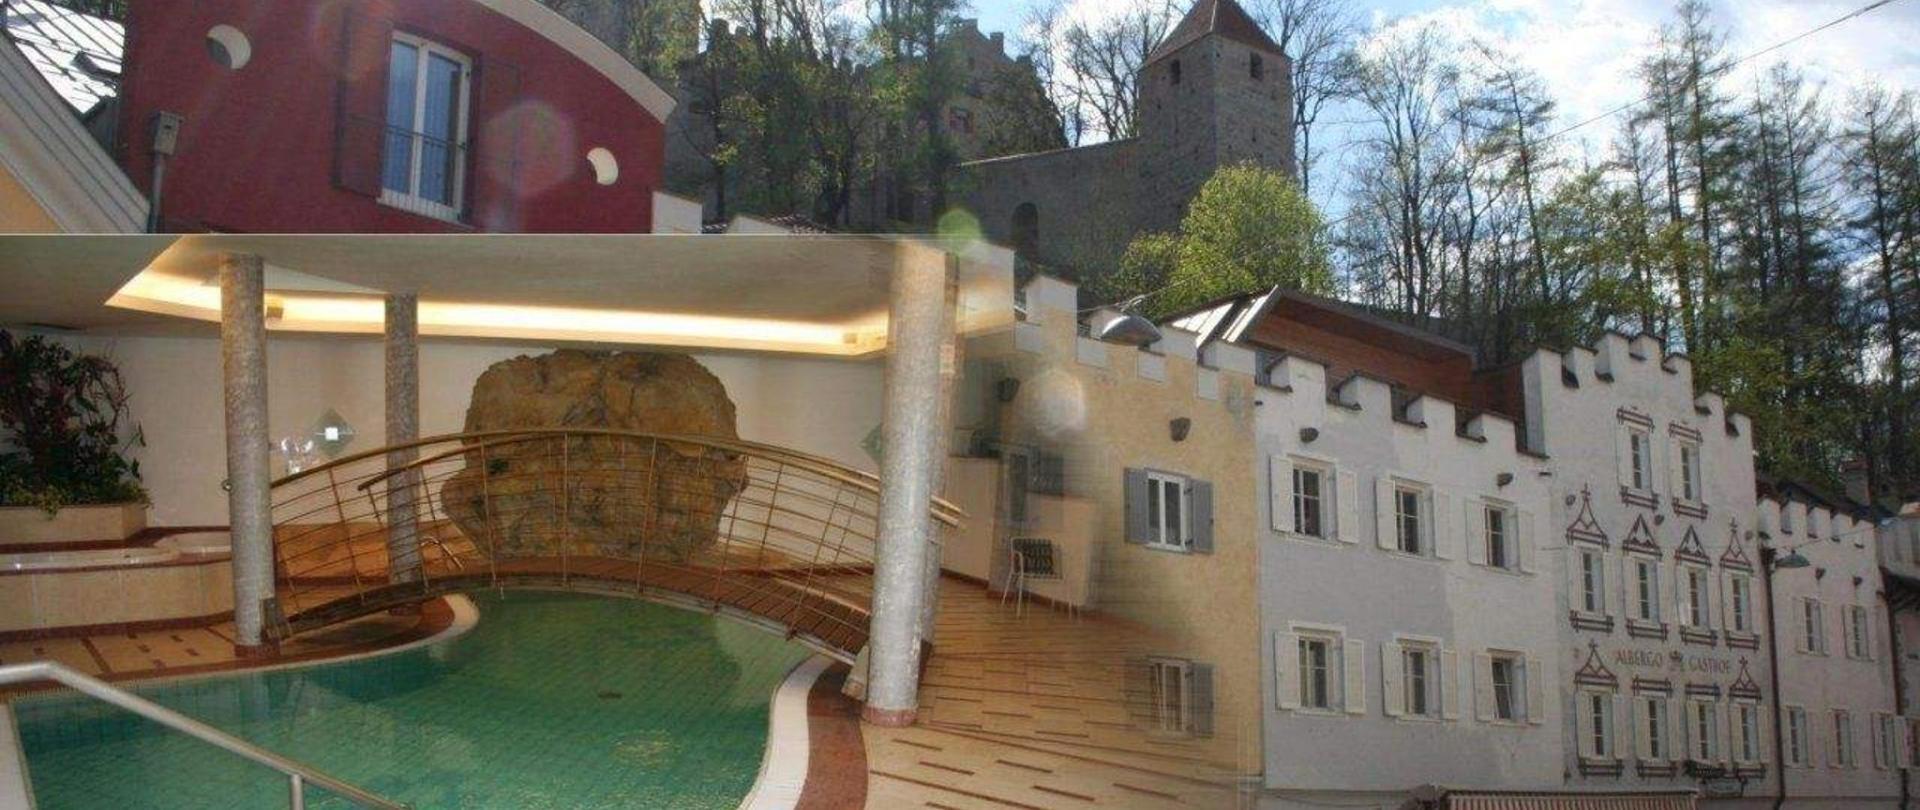 Hotel Krone Bruneck Italien